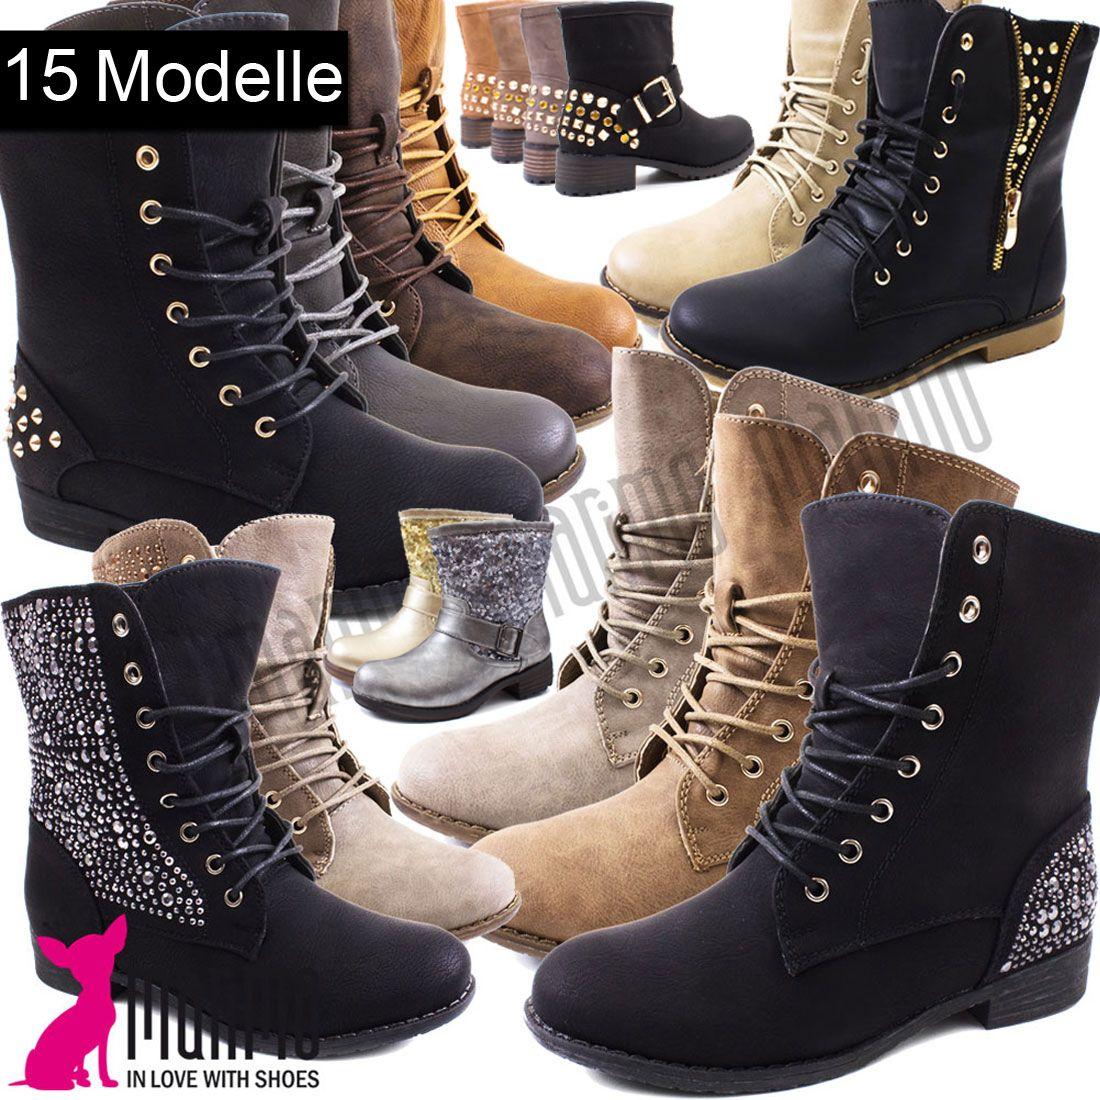 Stiefeletten Schuhe Damen Strass Nieten Schnur Boots 2259 Schwarz 38